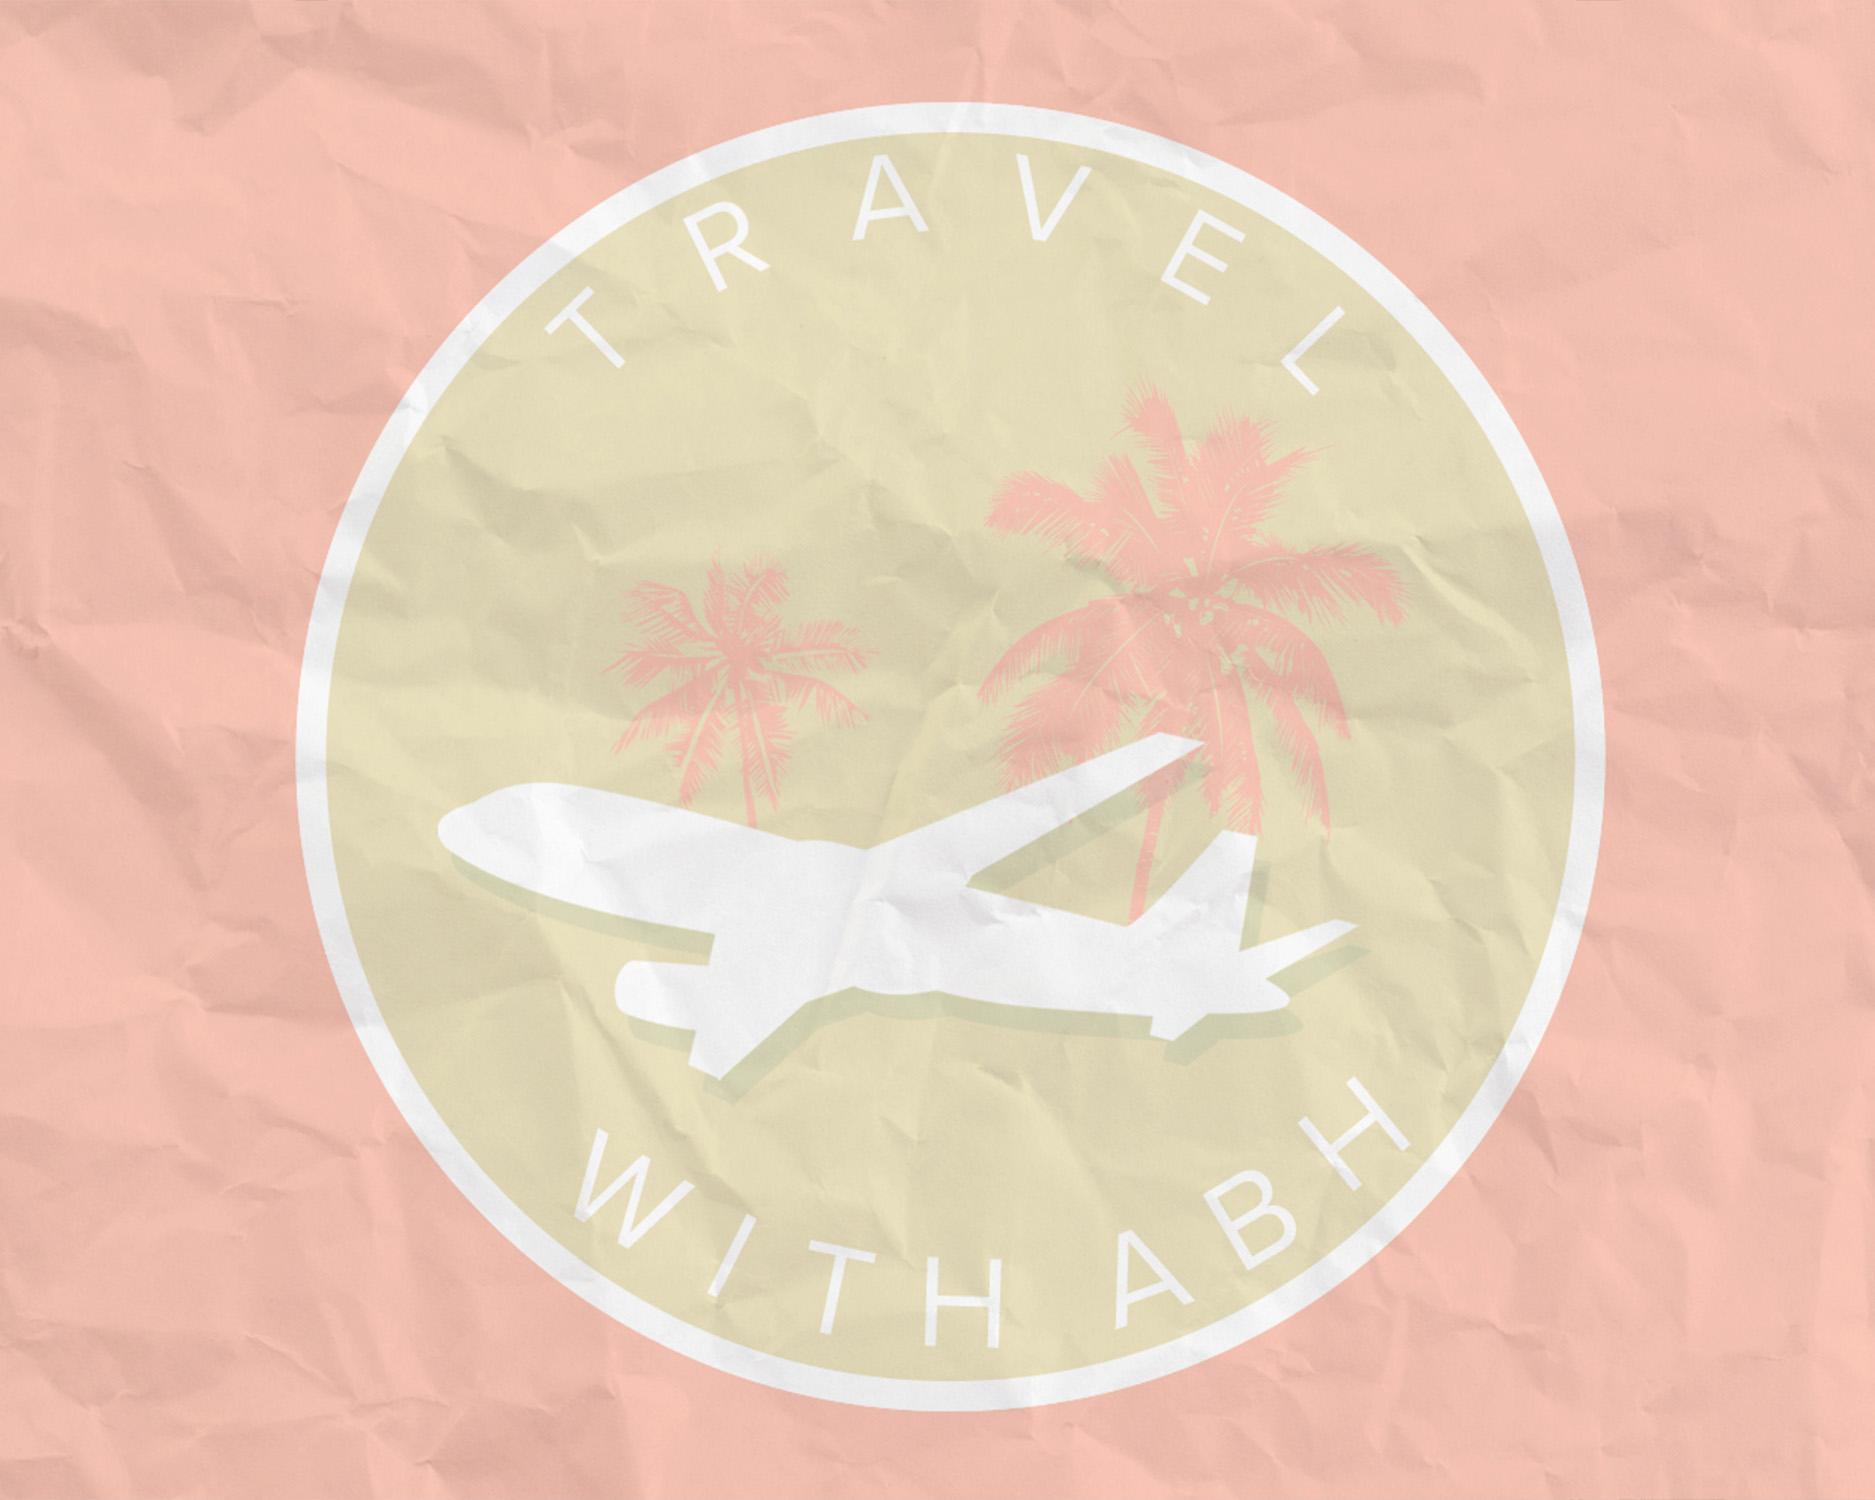 TRAVELWITHABH-LP